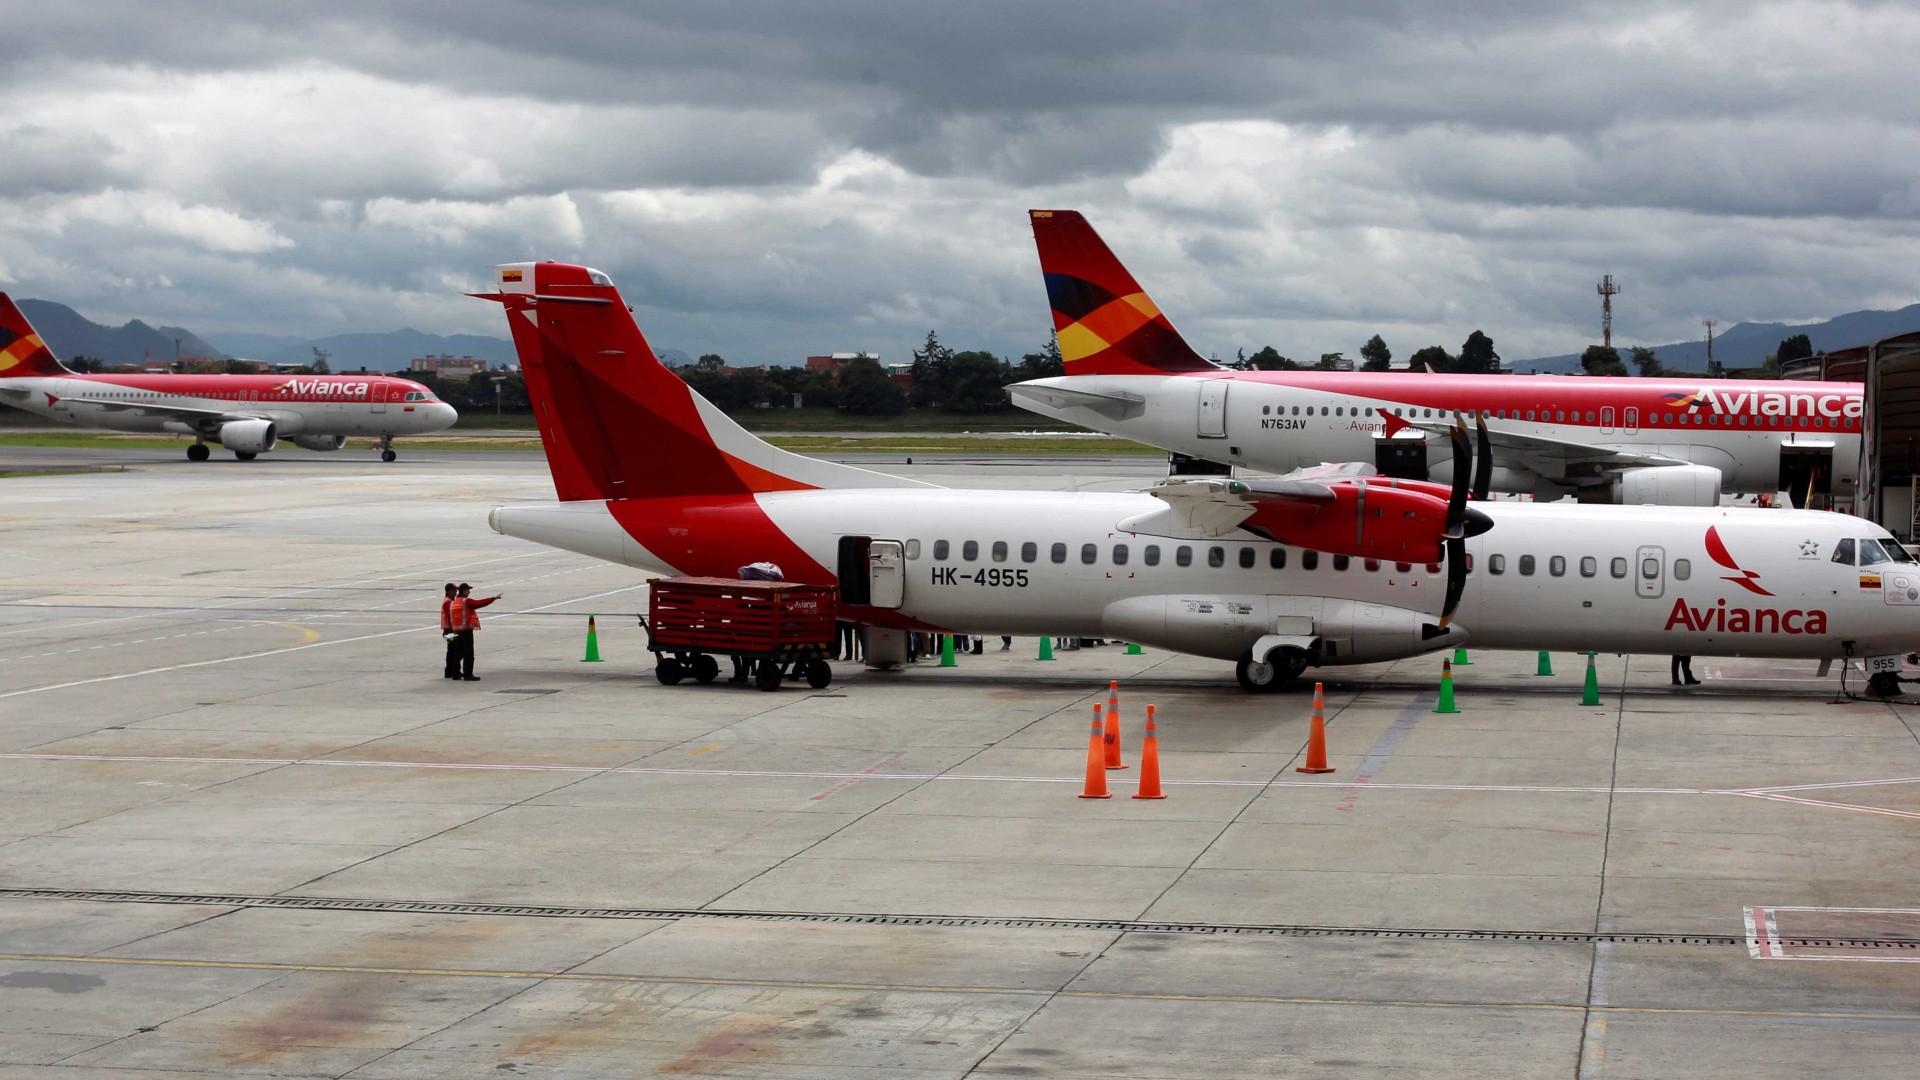 Com dívidas de R$ 100 mi só com aeroportos, Avianca pode perder aviões